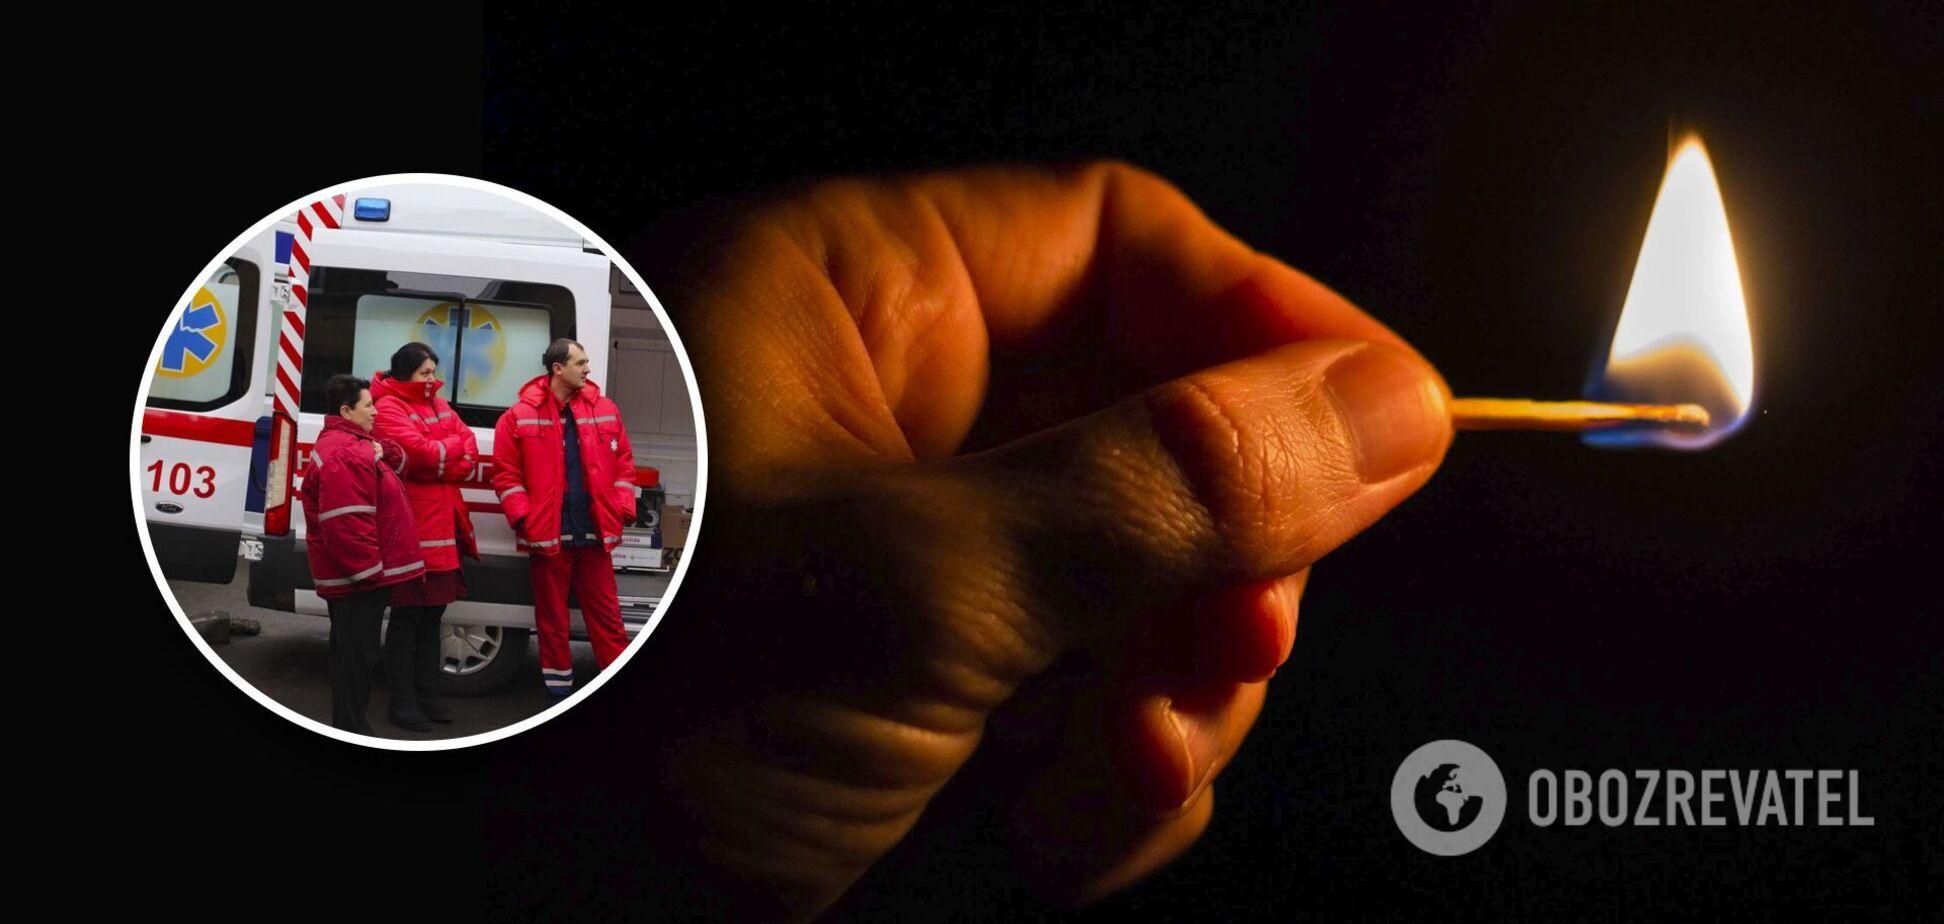 На Тернопольщине мужчина устроил самоподжог из-за пенсии: эксклюзивные детали трагедии